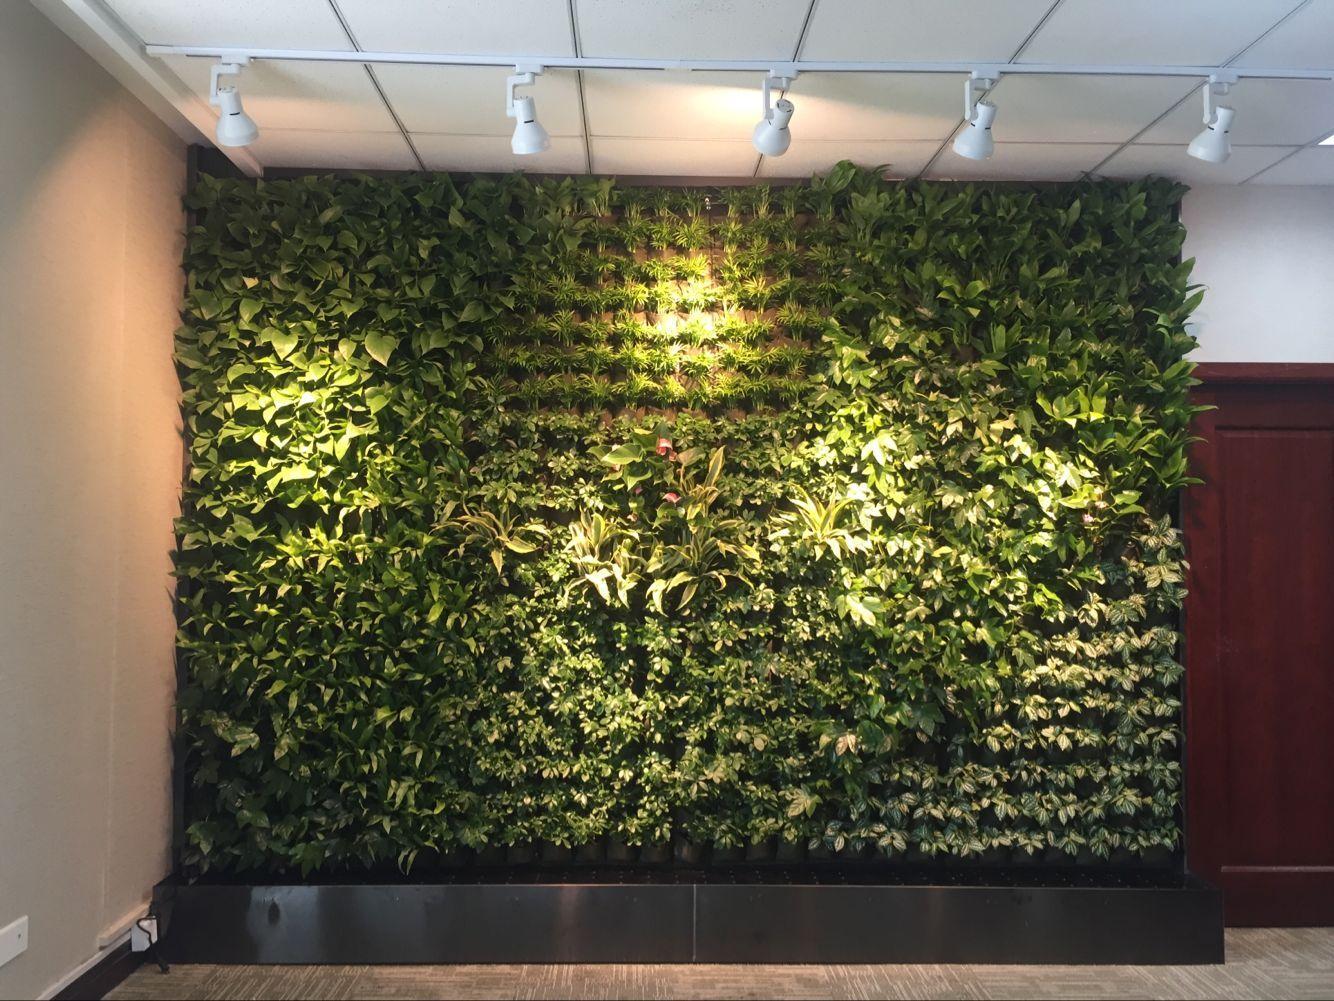 仿真草皮墙装饰图片_广州仿真植物墙_仿真绿植墙价格